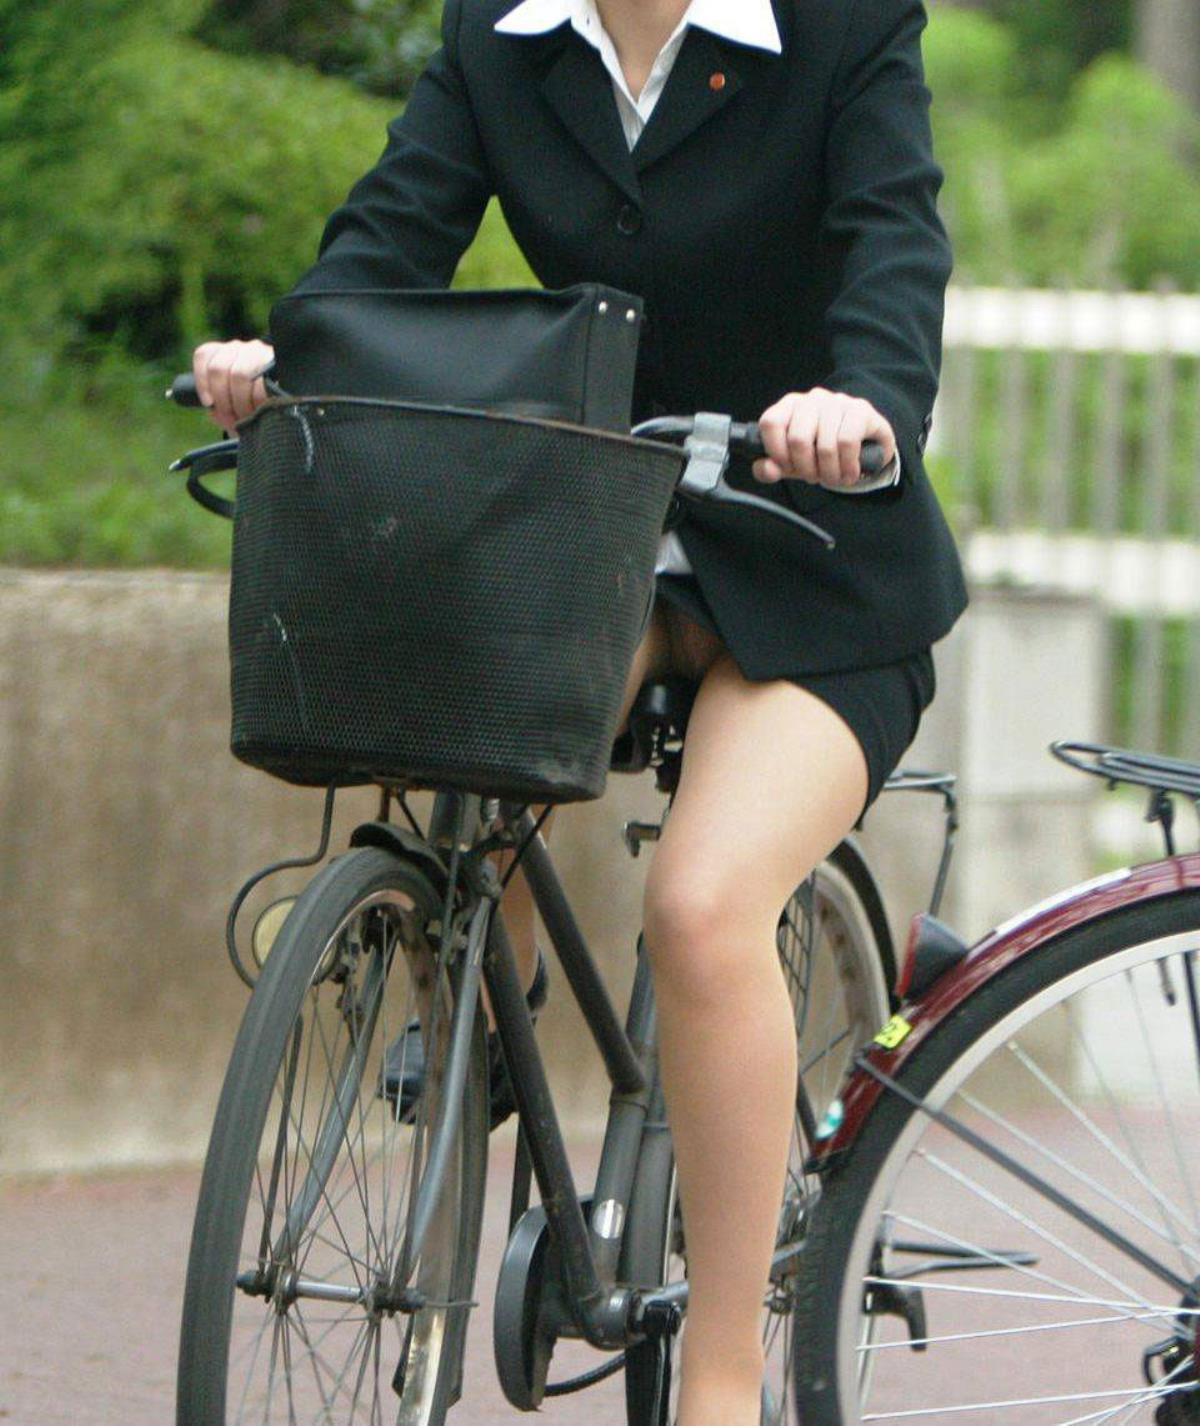 OL_自転車_パンチラ_盗撮_エロ画像_01